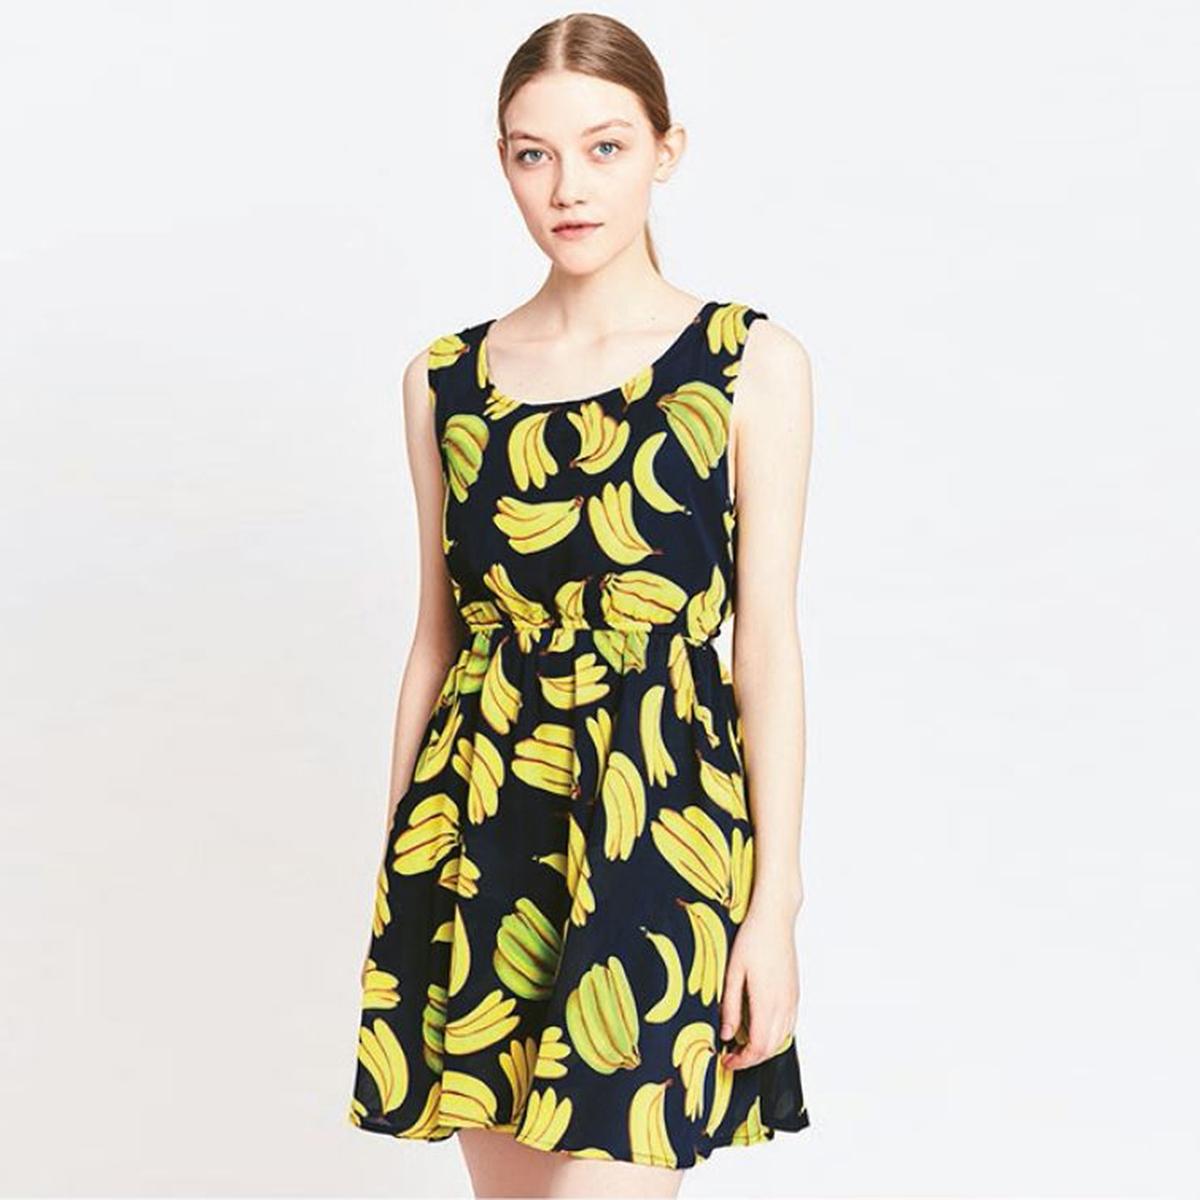 Платье расклешенное короткого покроя с рисунком